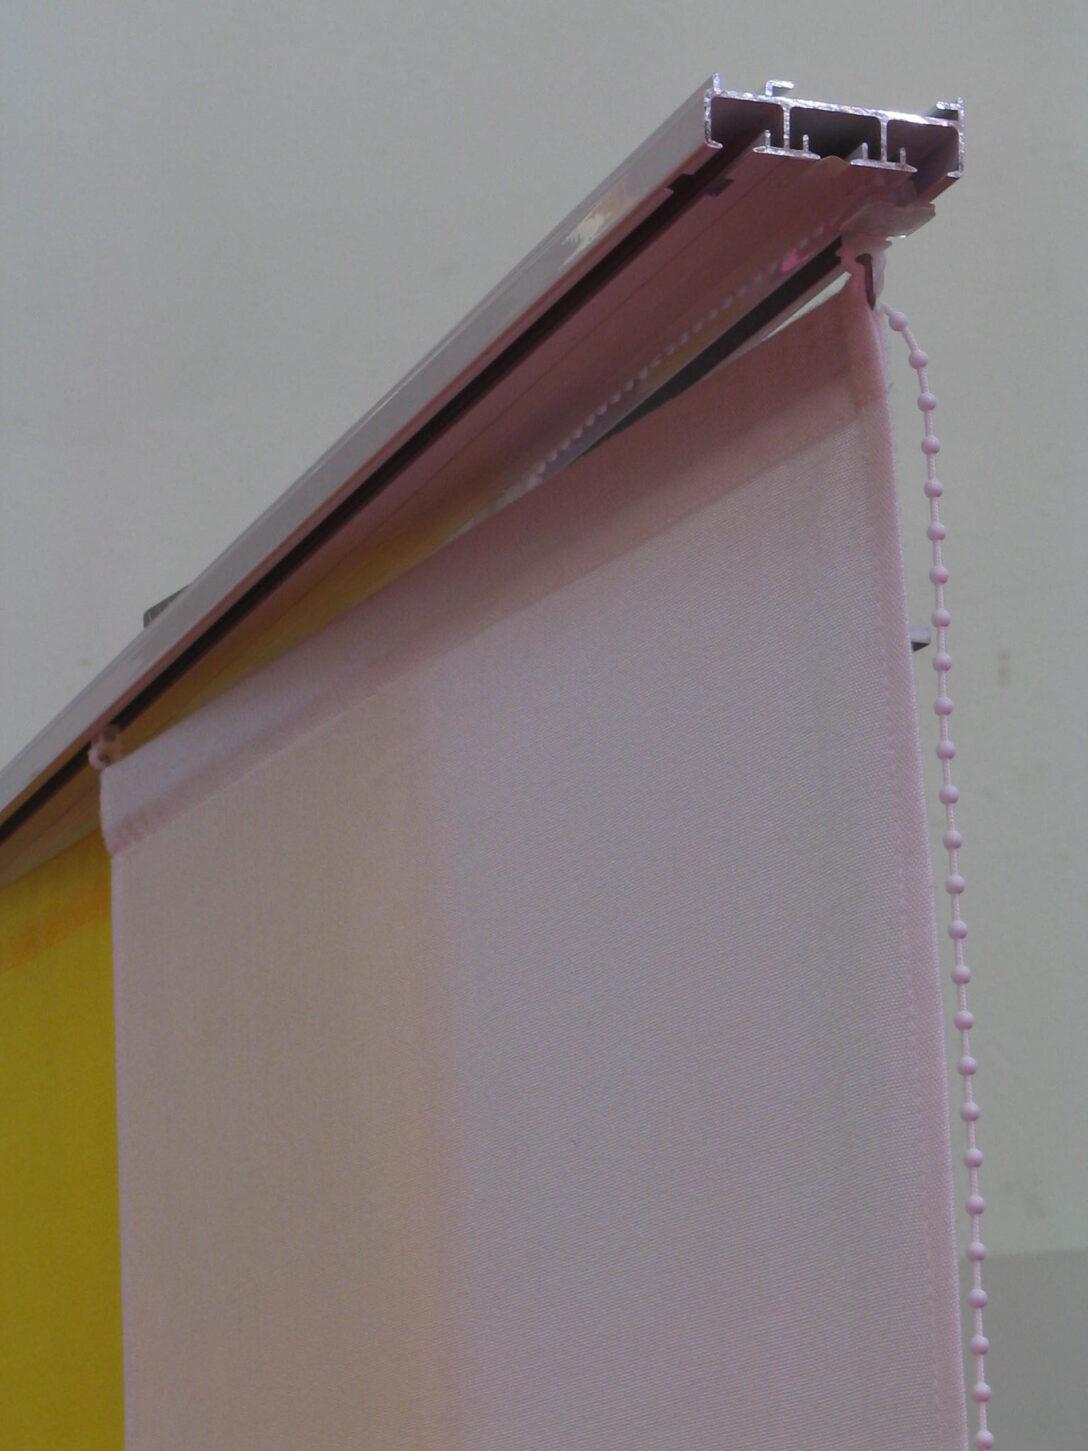 Large Size of Vorhnge Schrg Auf 2 Schienen Einsetzen Schlafzimmer Vorhänge Wohnzimmer Küche Wohnzimmer Vorhänge Schiene